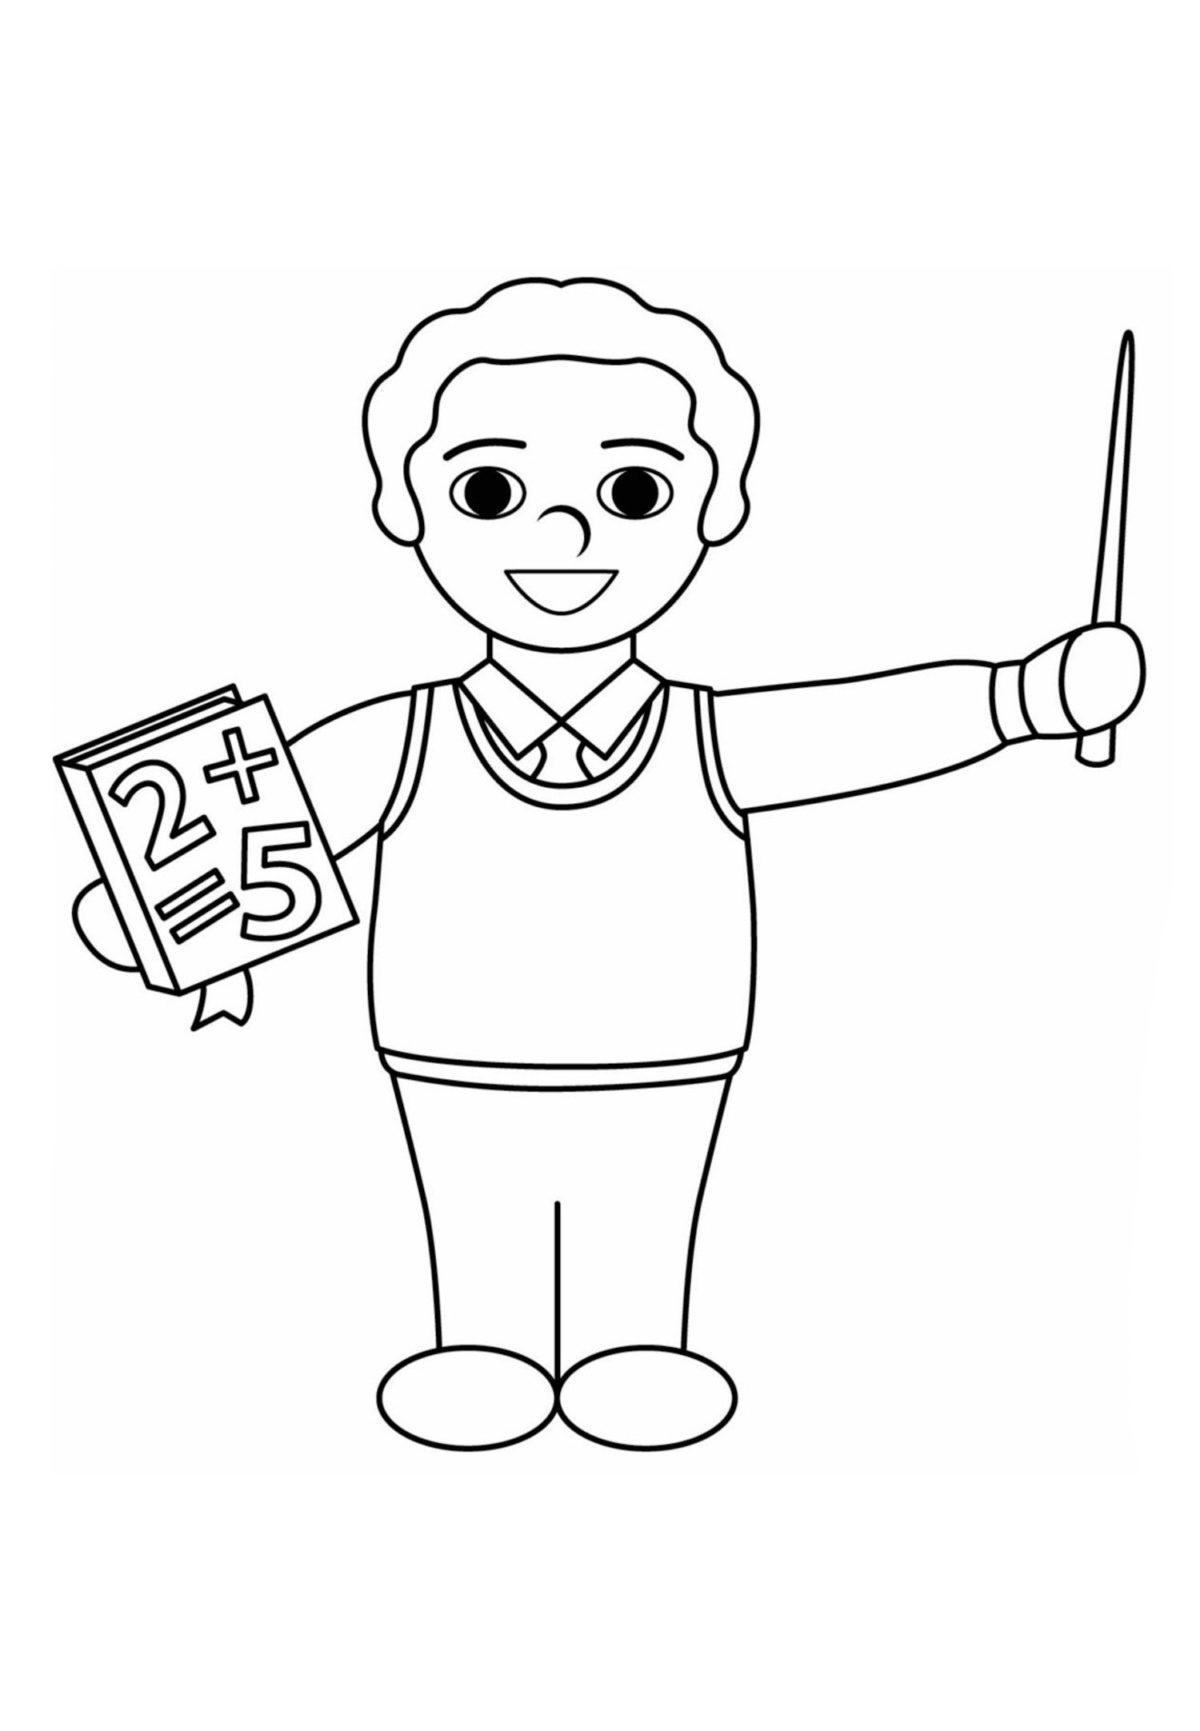 Первый учитель - Картинка для раскрашивания красками-гуашью